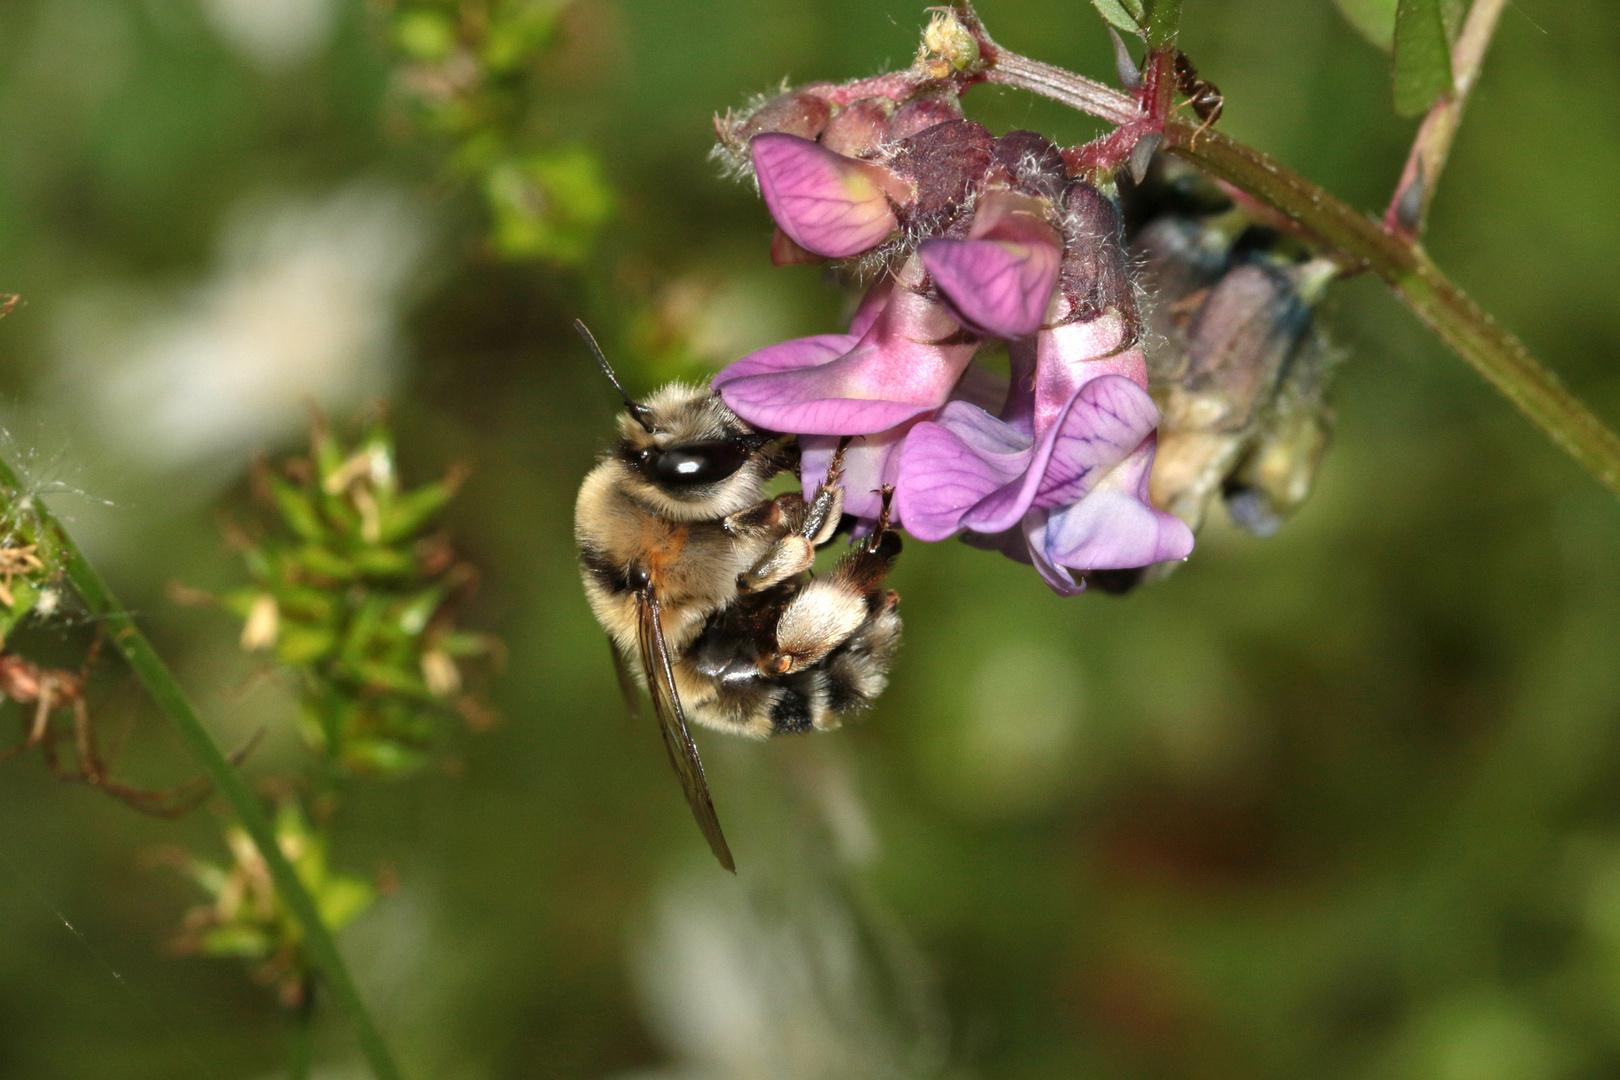 Sommer-Pelzbiene Anthophora aestivalis - Weibchen